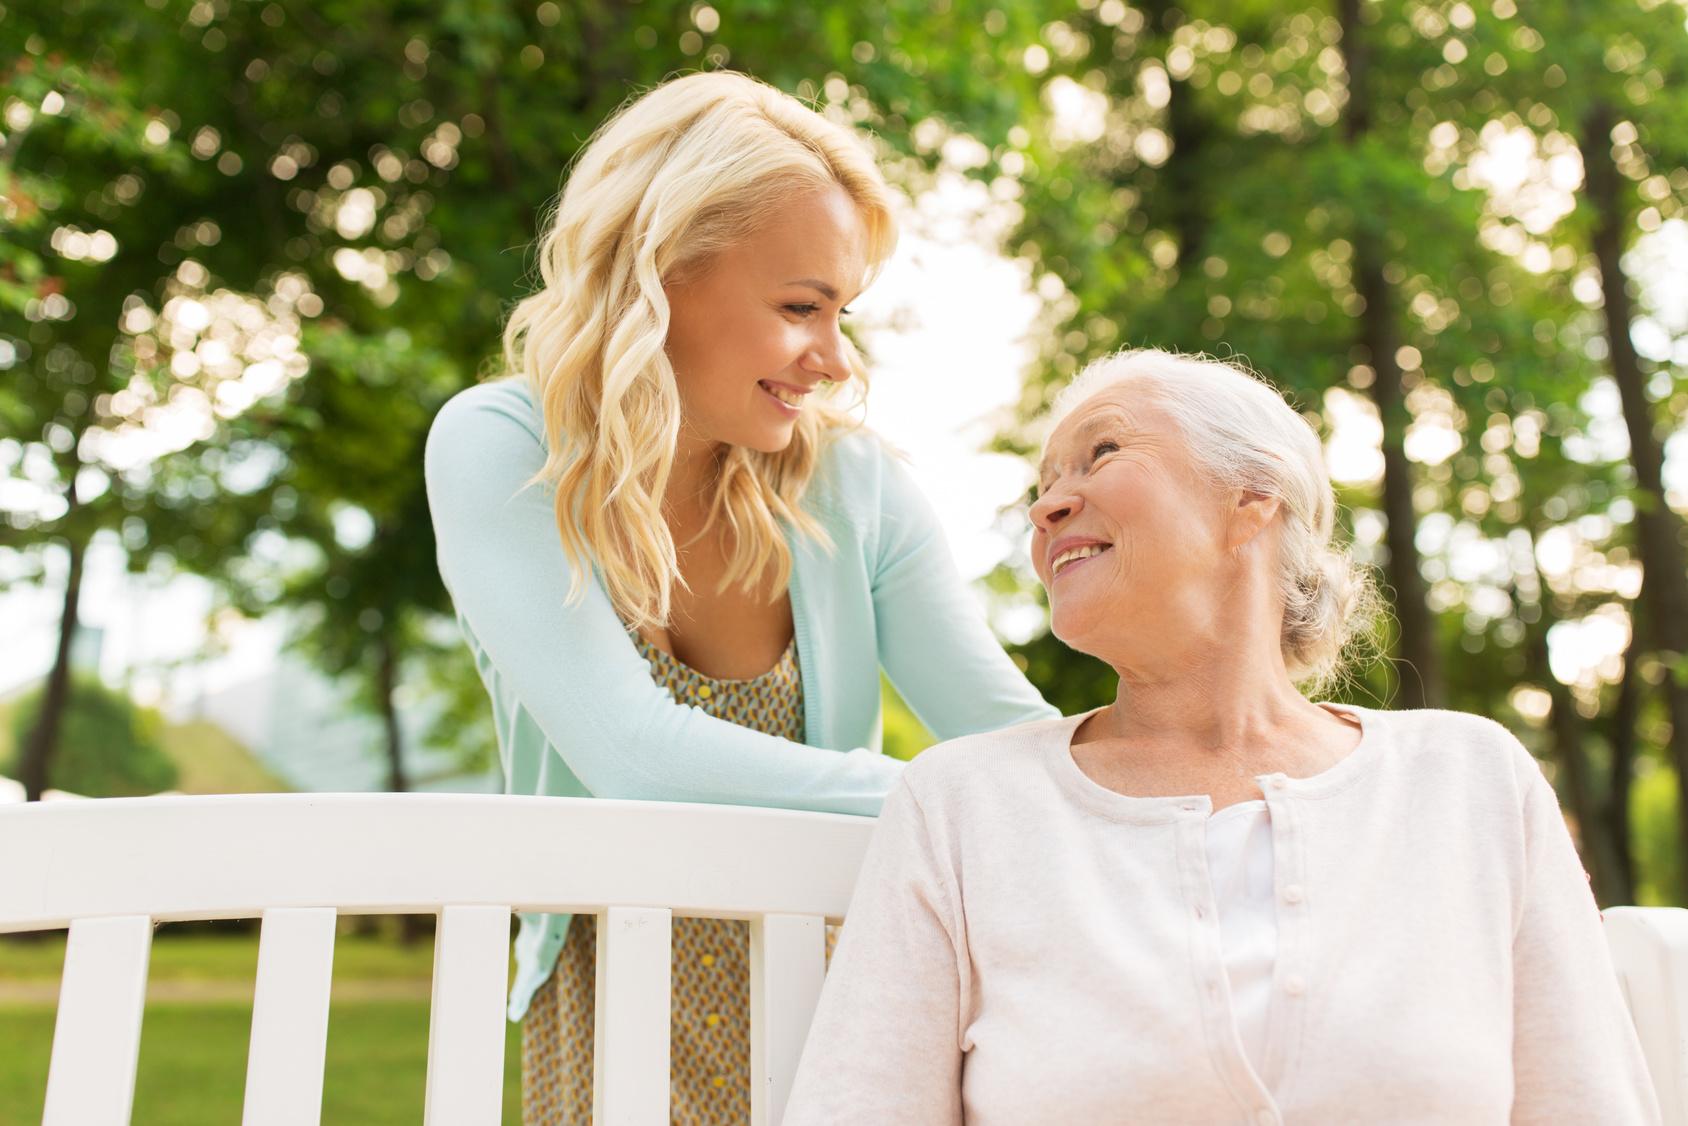 Seniorenbetreuung-altenpflege-regen